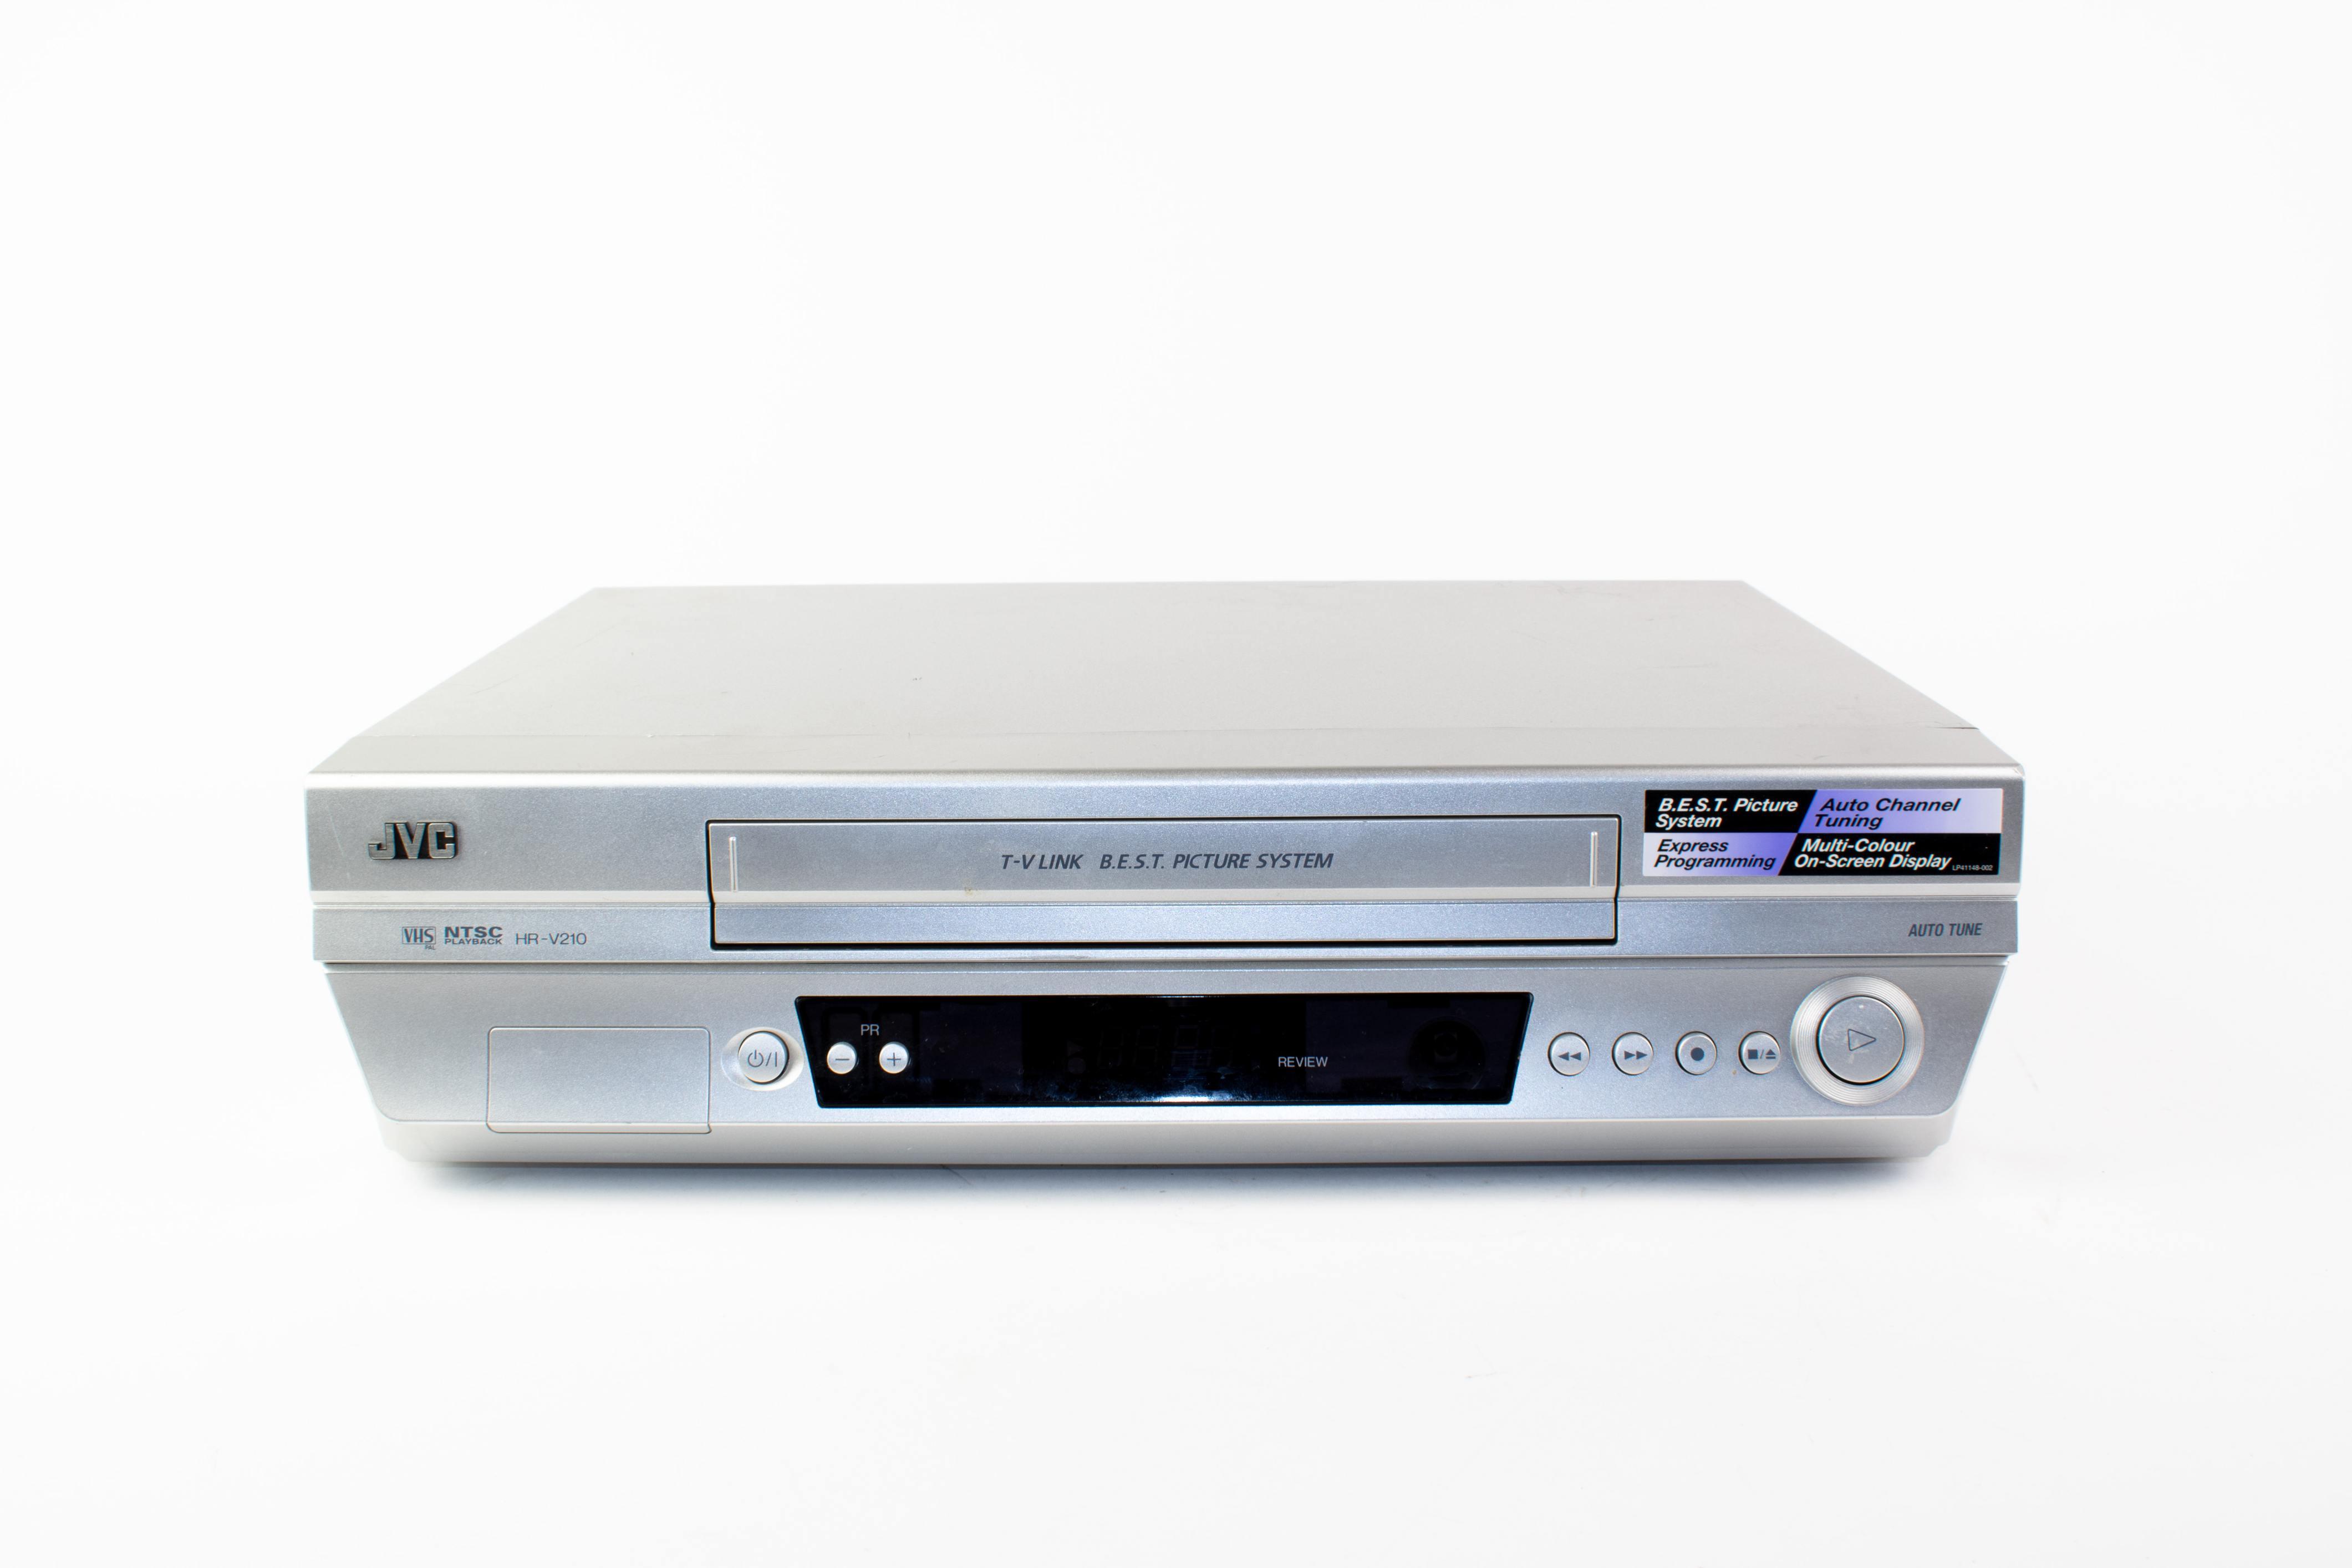 HR-V210